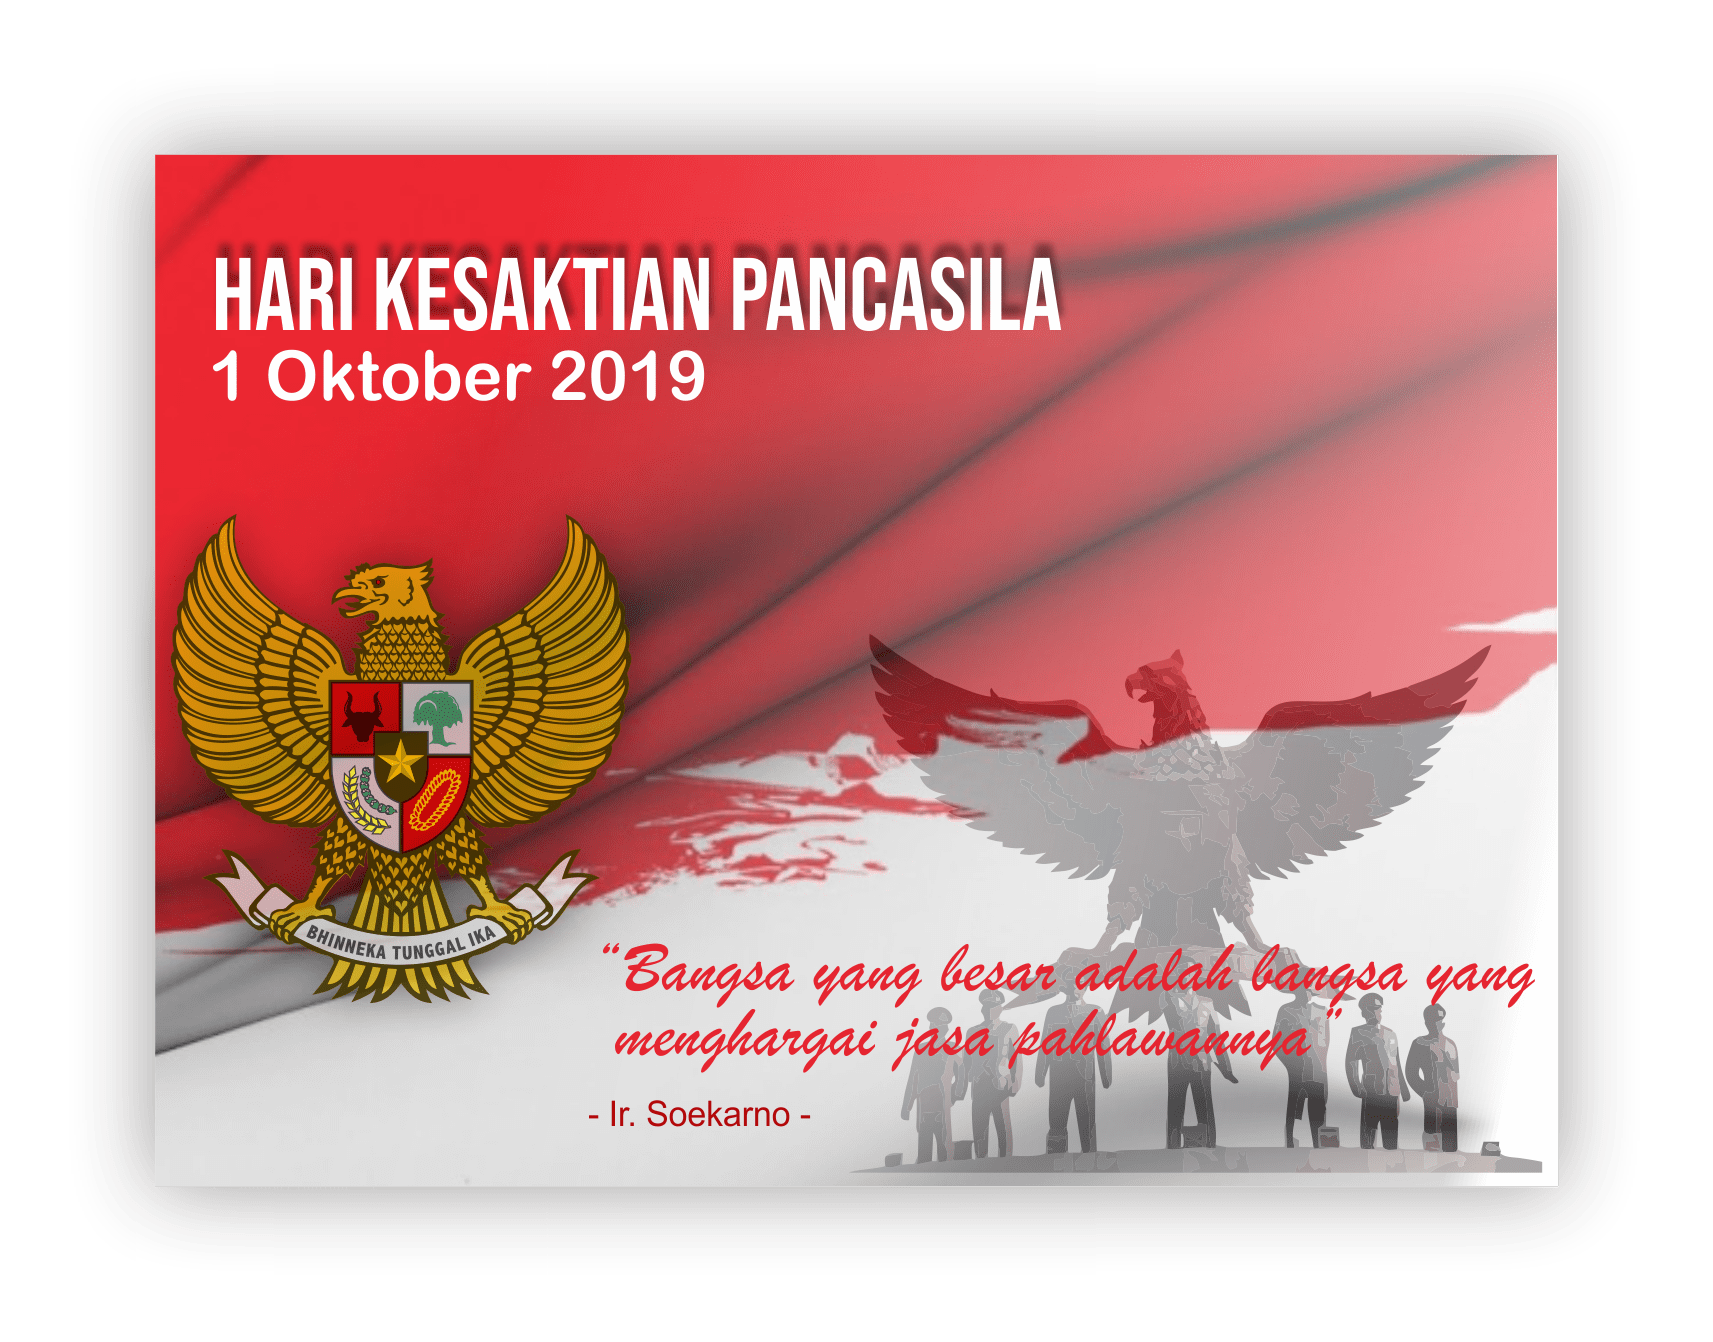 Hari Kesaktian Pancasila - SMK Negeri 1 Anjatan